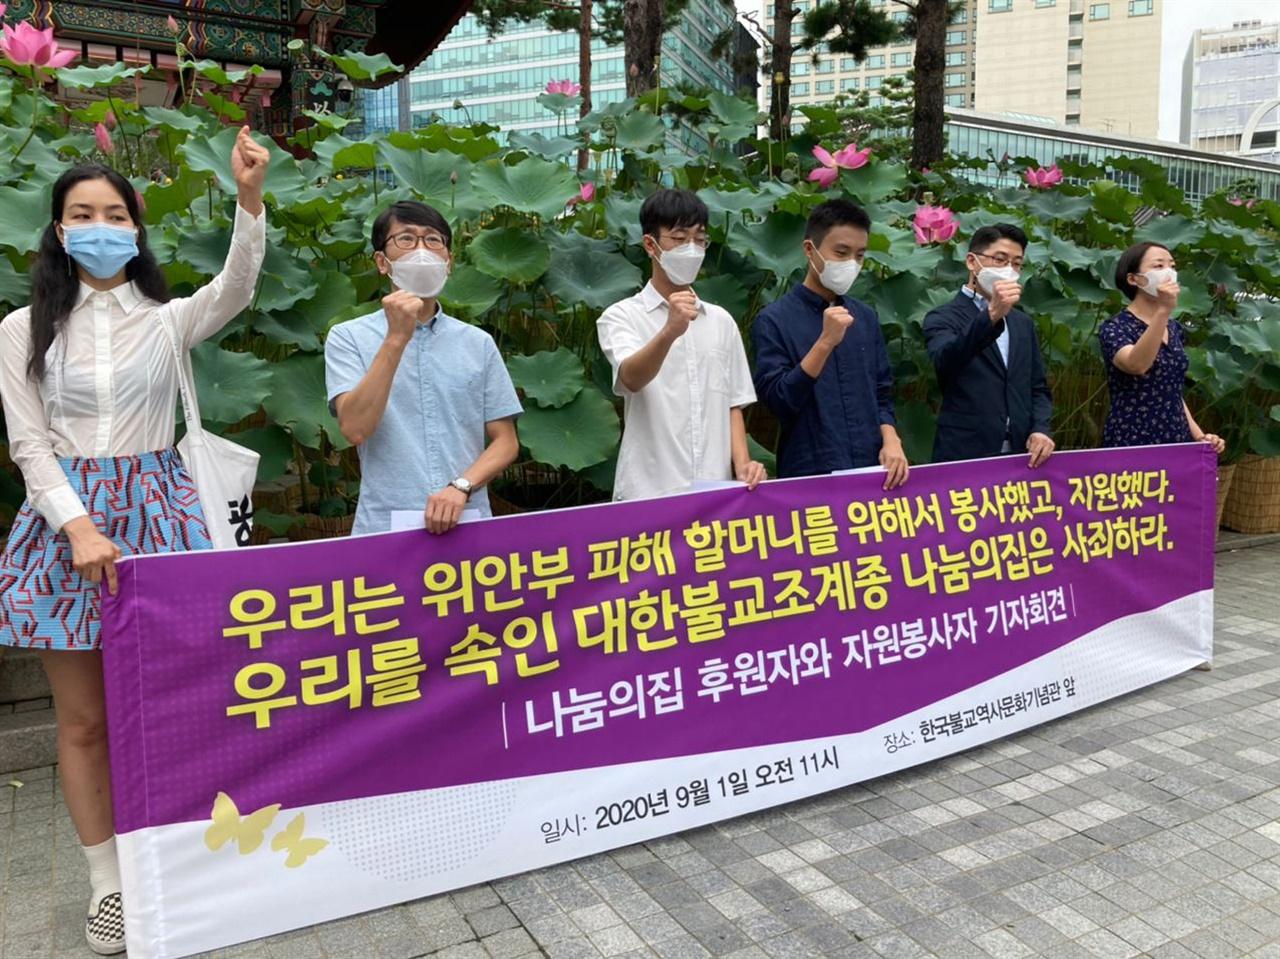 일본군 '위안부' 피해자들의 거주시설 나눔의집 후원자들과 봉사자, 경기 광주시역 시민단체들이 나눔의집 운영 주체인 대한불교조계종에 비판의 목소리를 높였다.